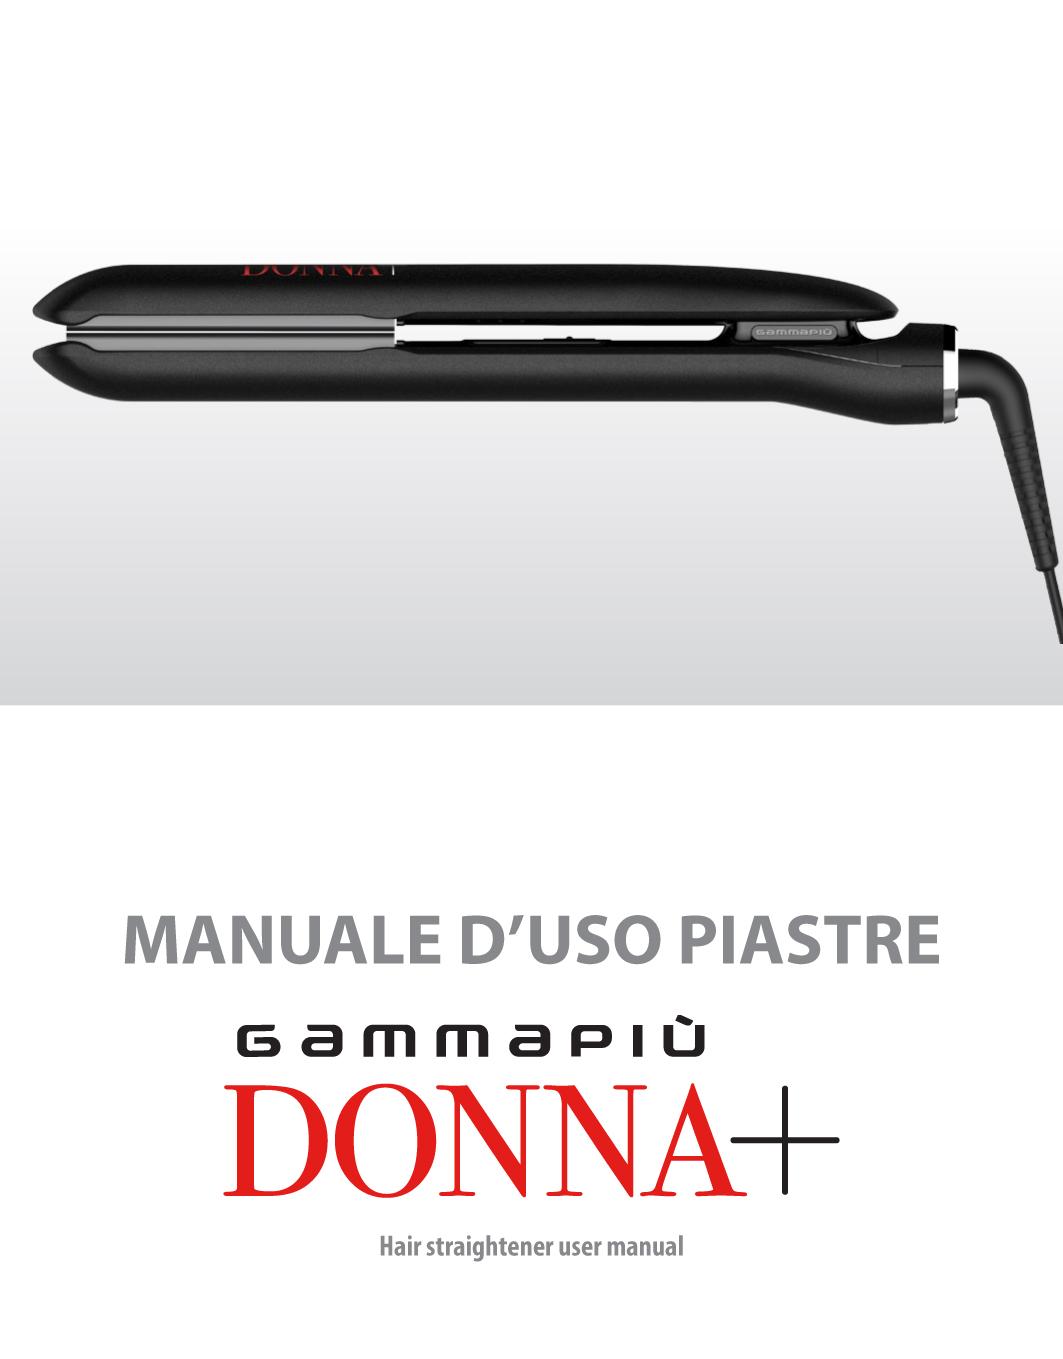 DONNA+